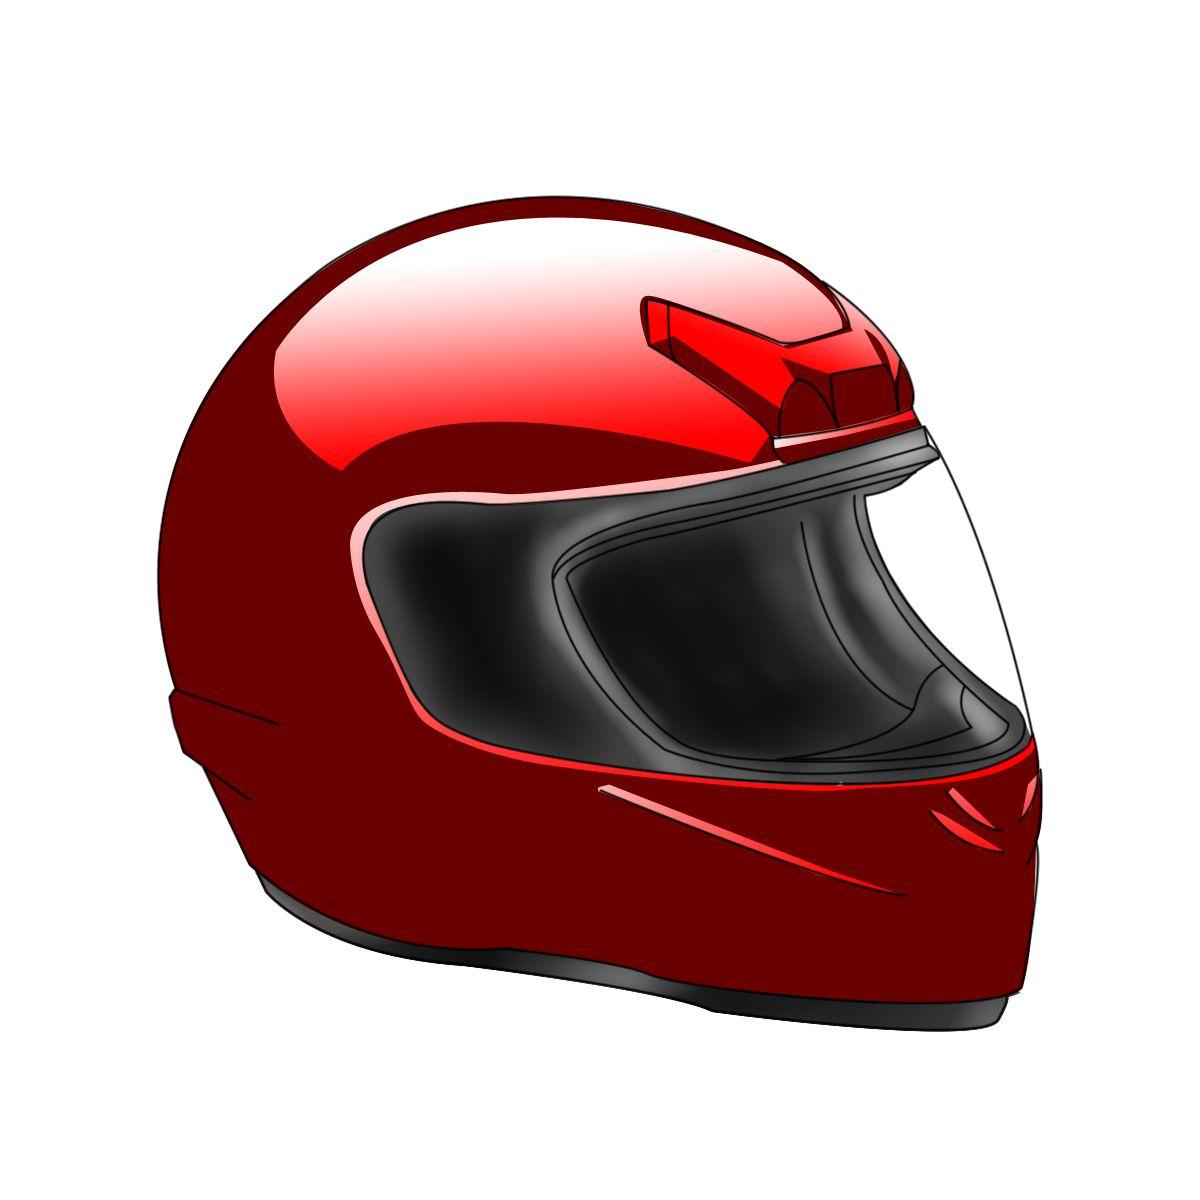 найти картинки мультяшек в шлемах идее